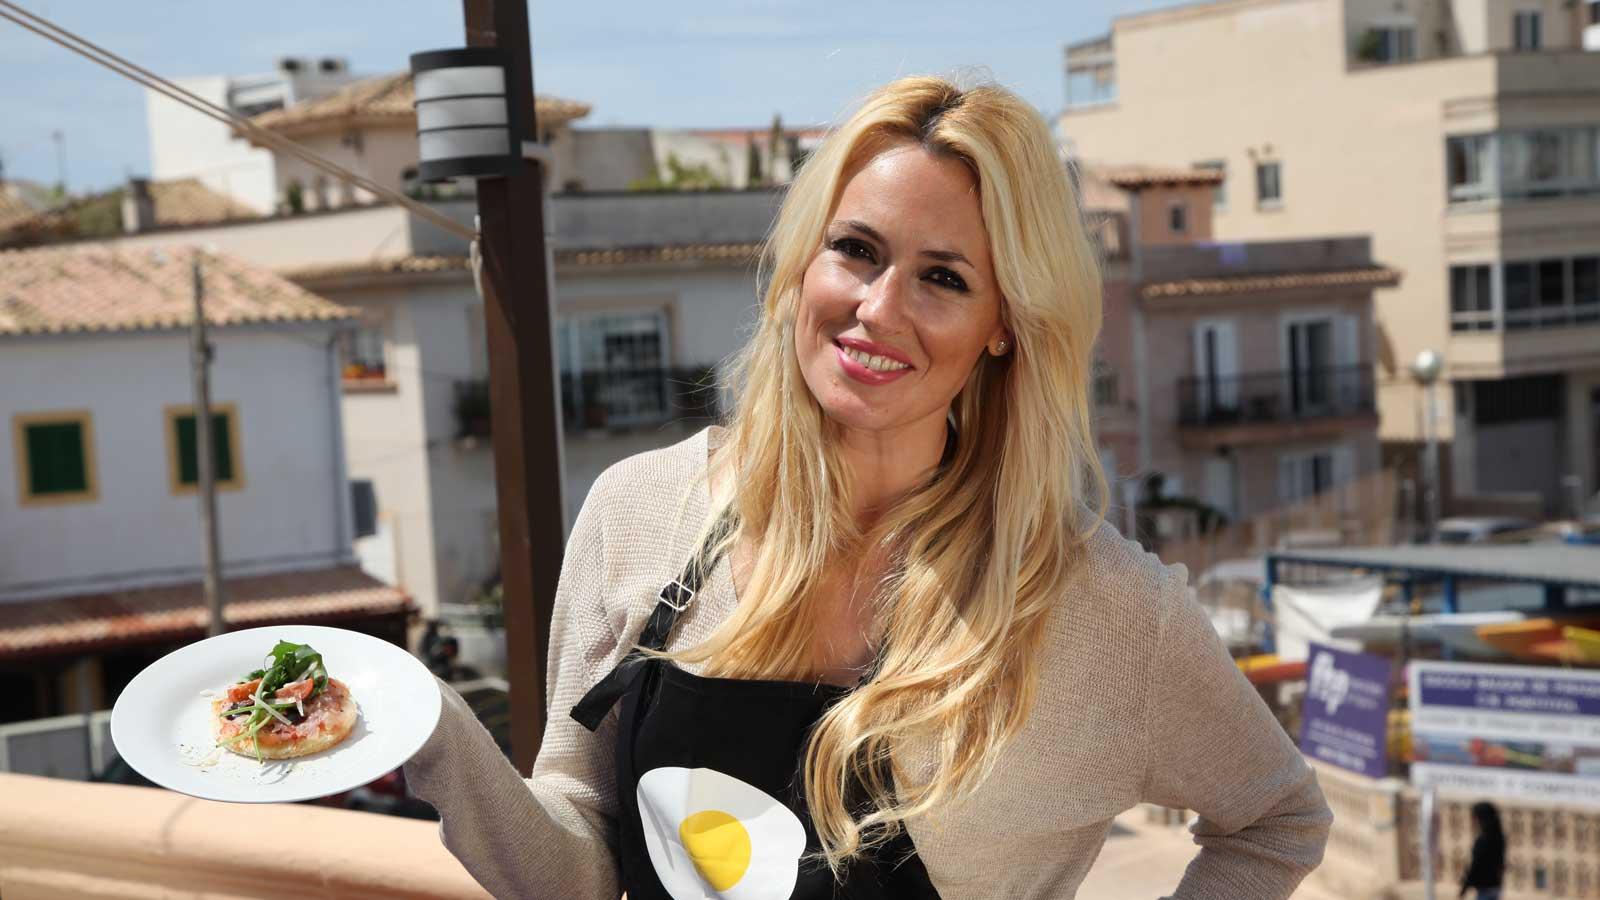 Carolina cerezuela cocineros canal cocina - Canal cocina cocineros ...